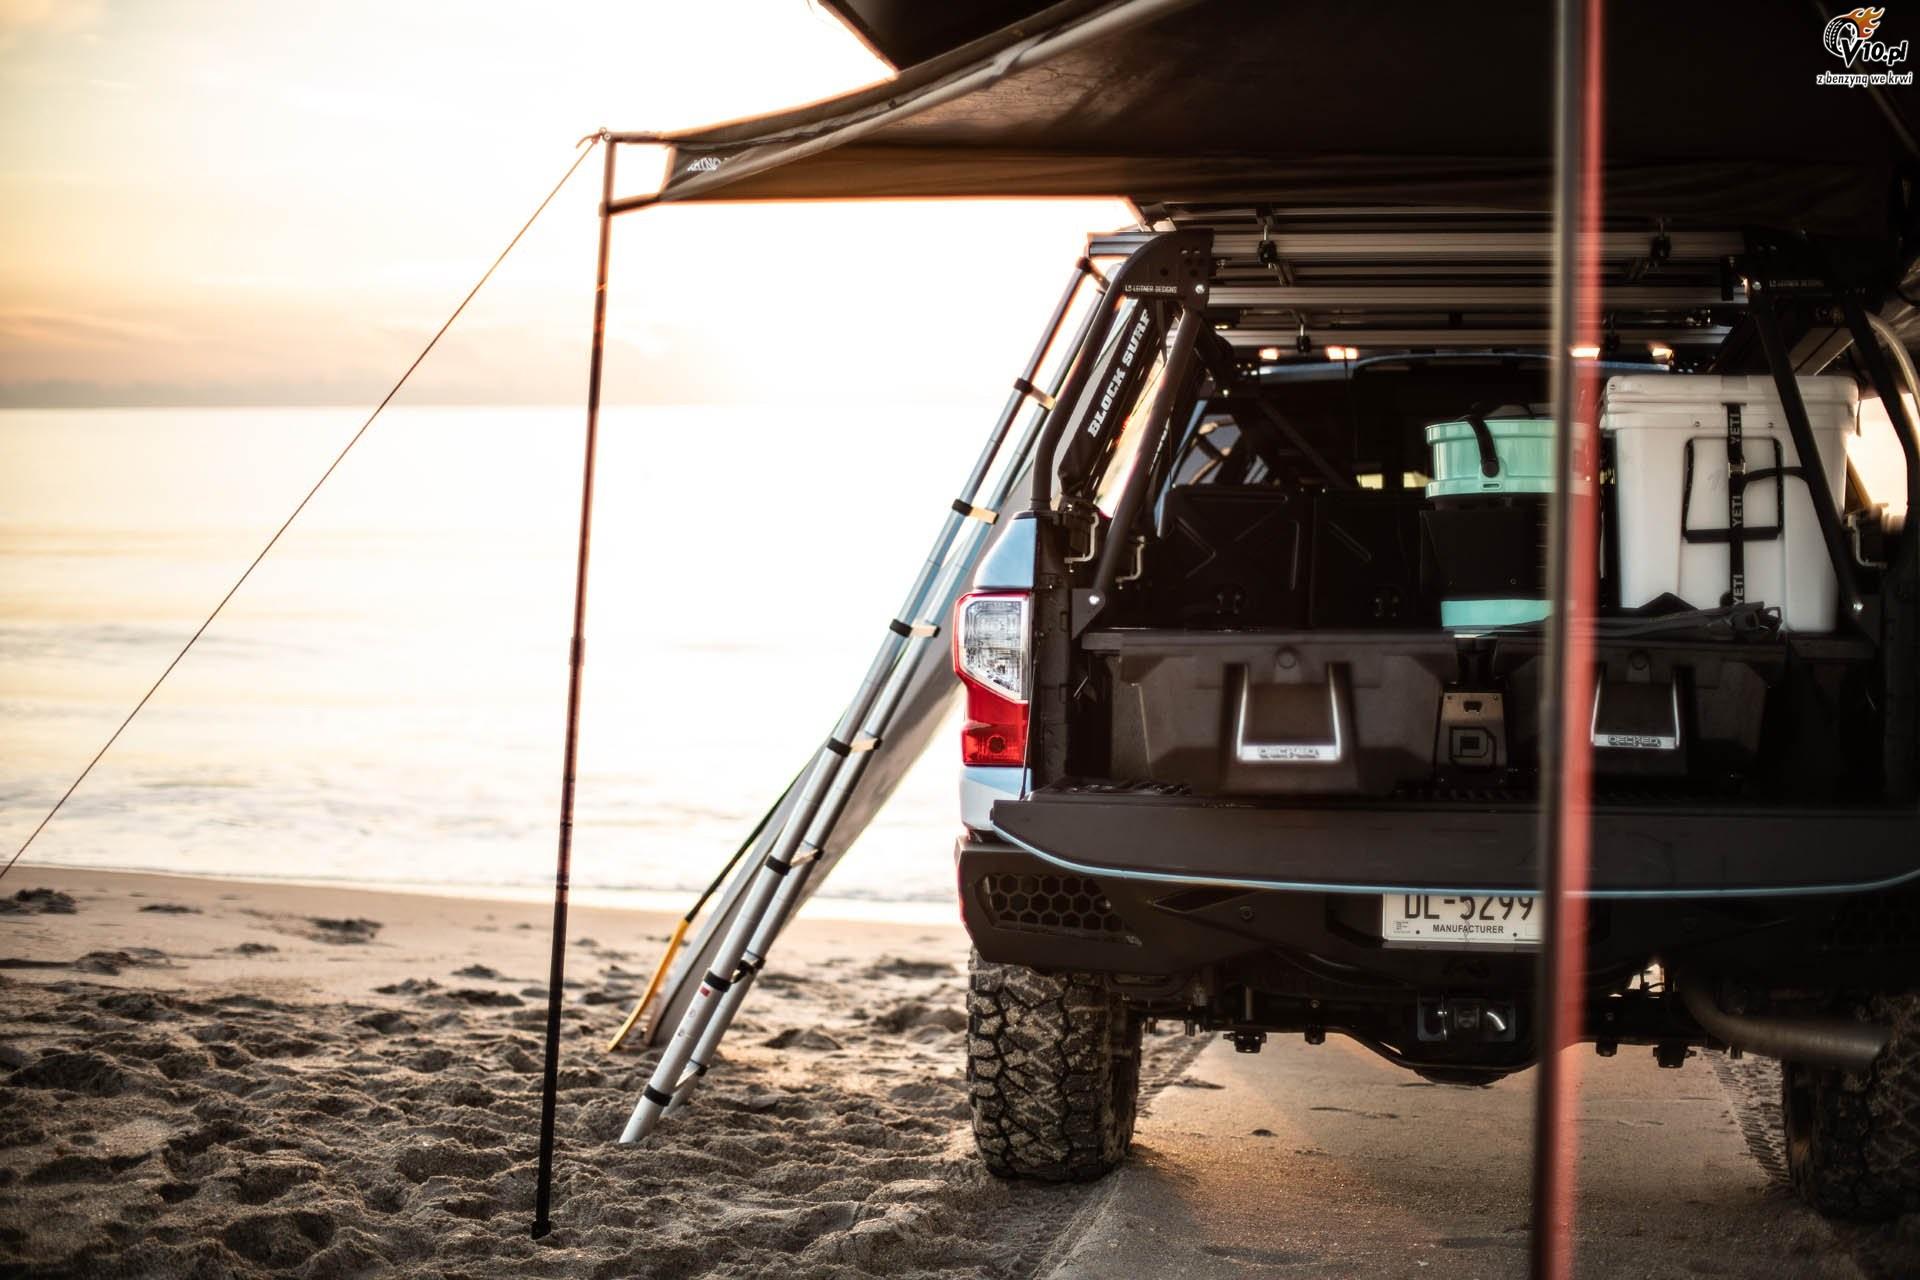 Nissan_Titan_Surfcamp_7